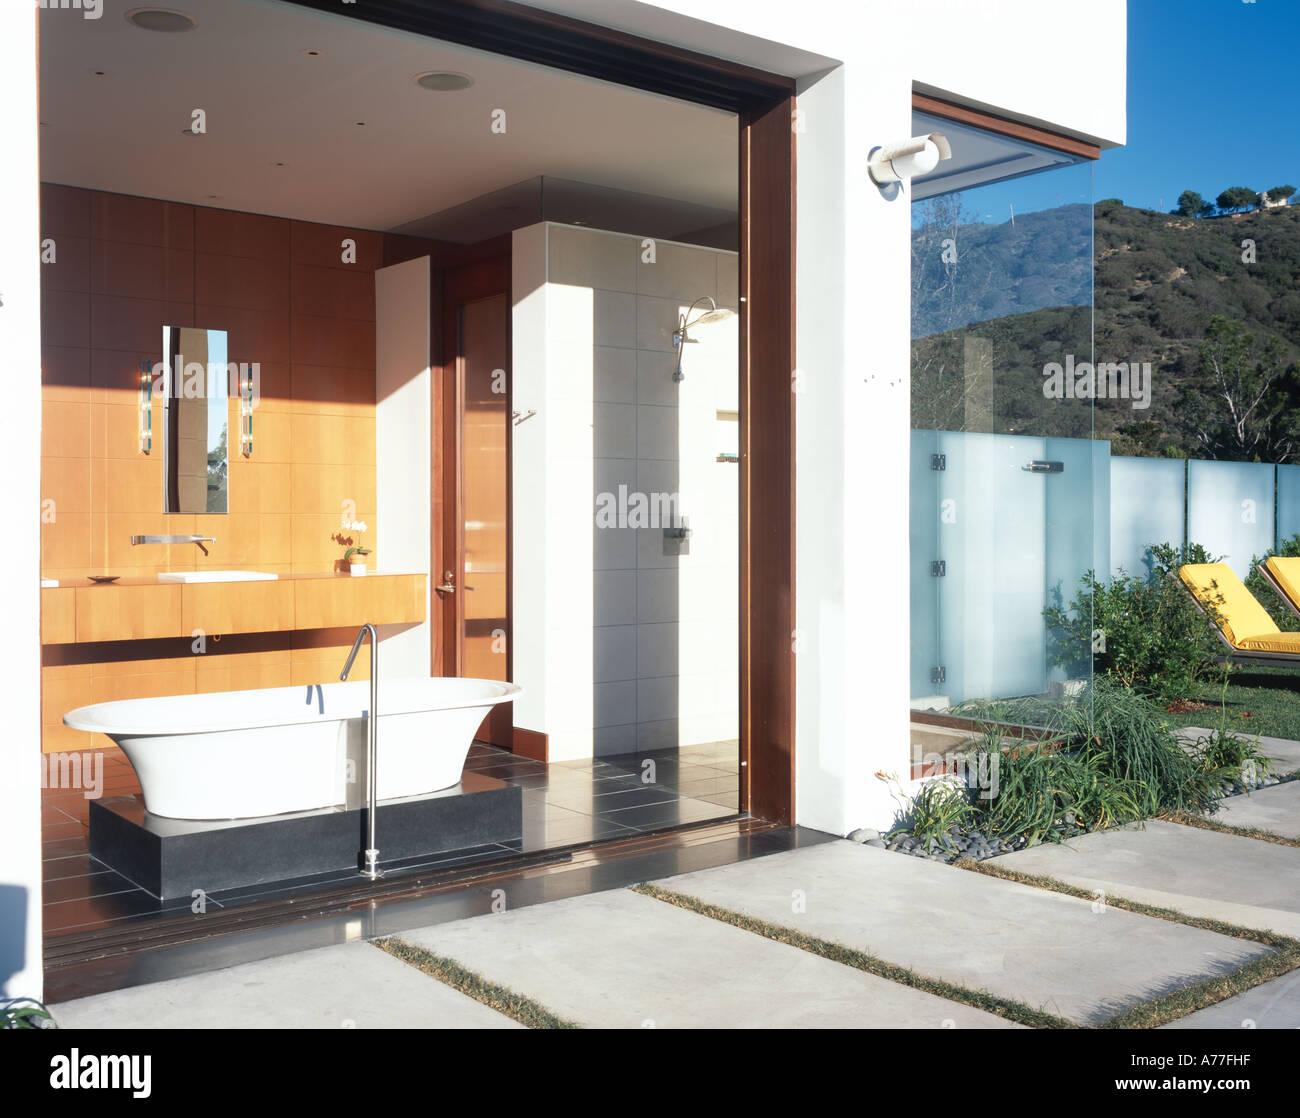 Malibu 4 California Indoor Outdoor Bath Tub Open Sliding Doors